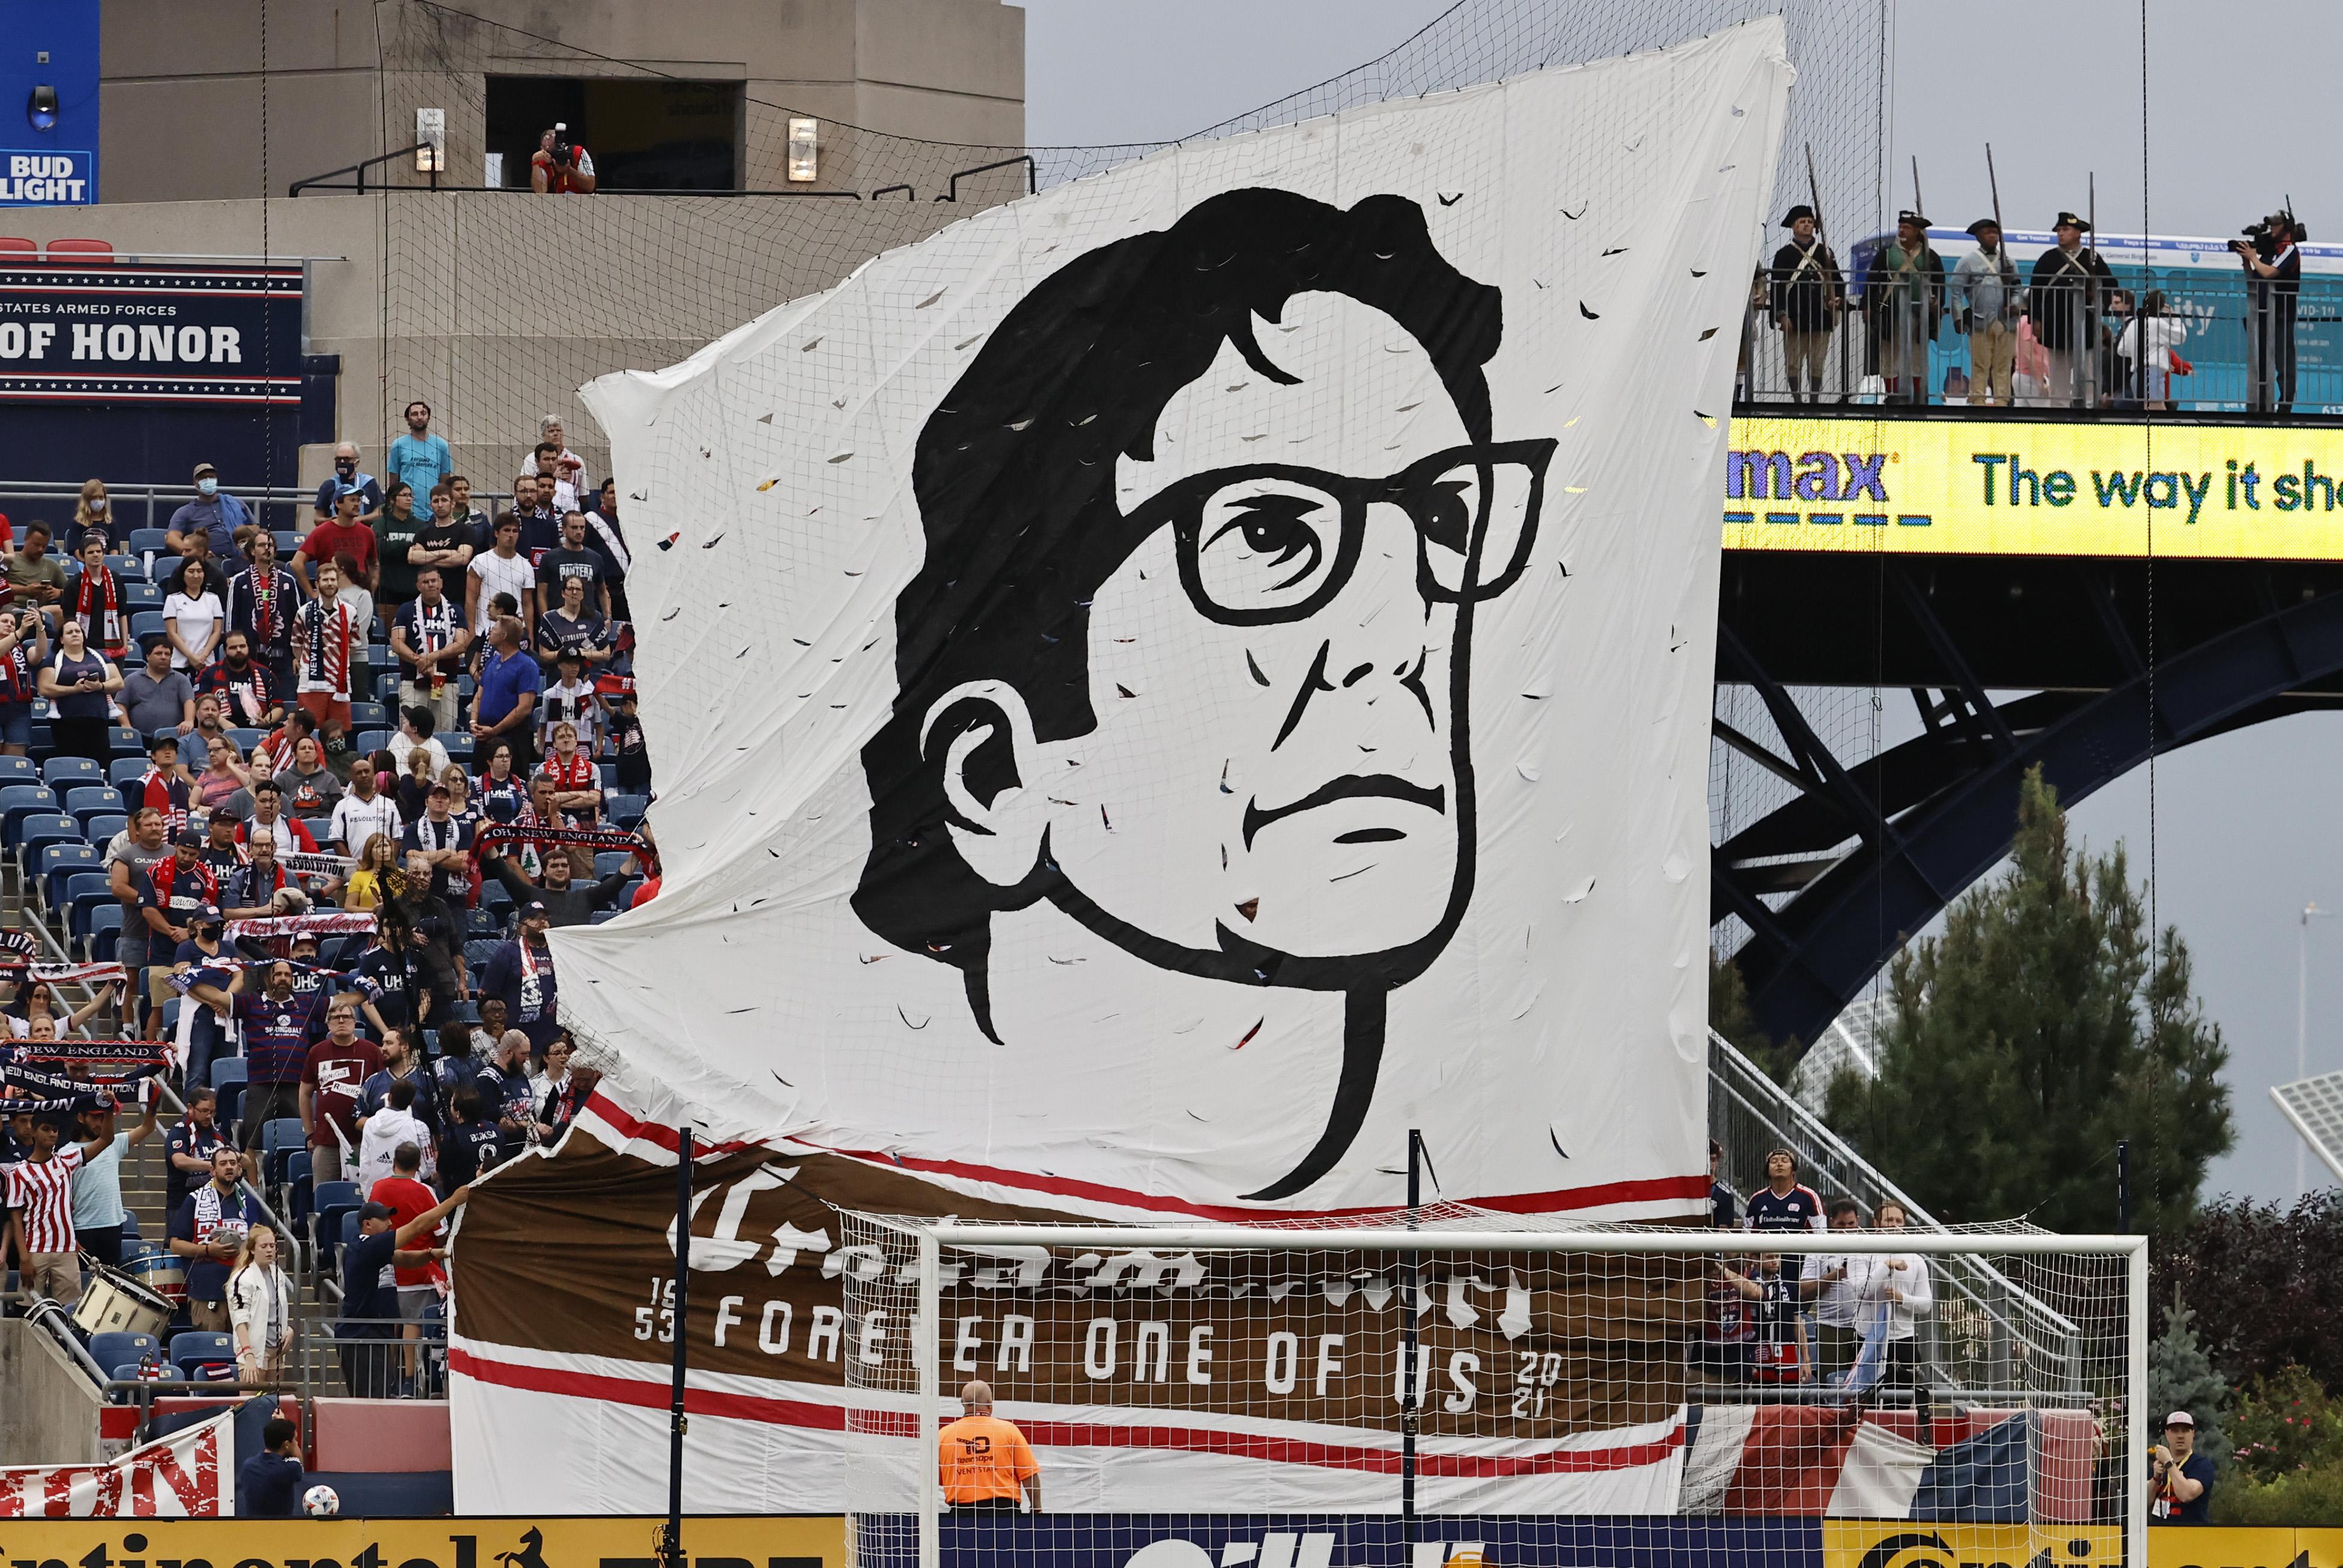 SOCCER: JUL 25 MLS - CF Montreal at New England Revolution